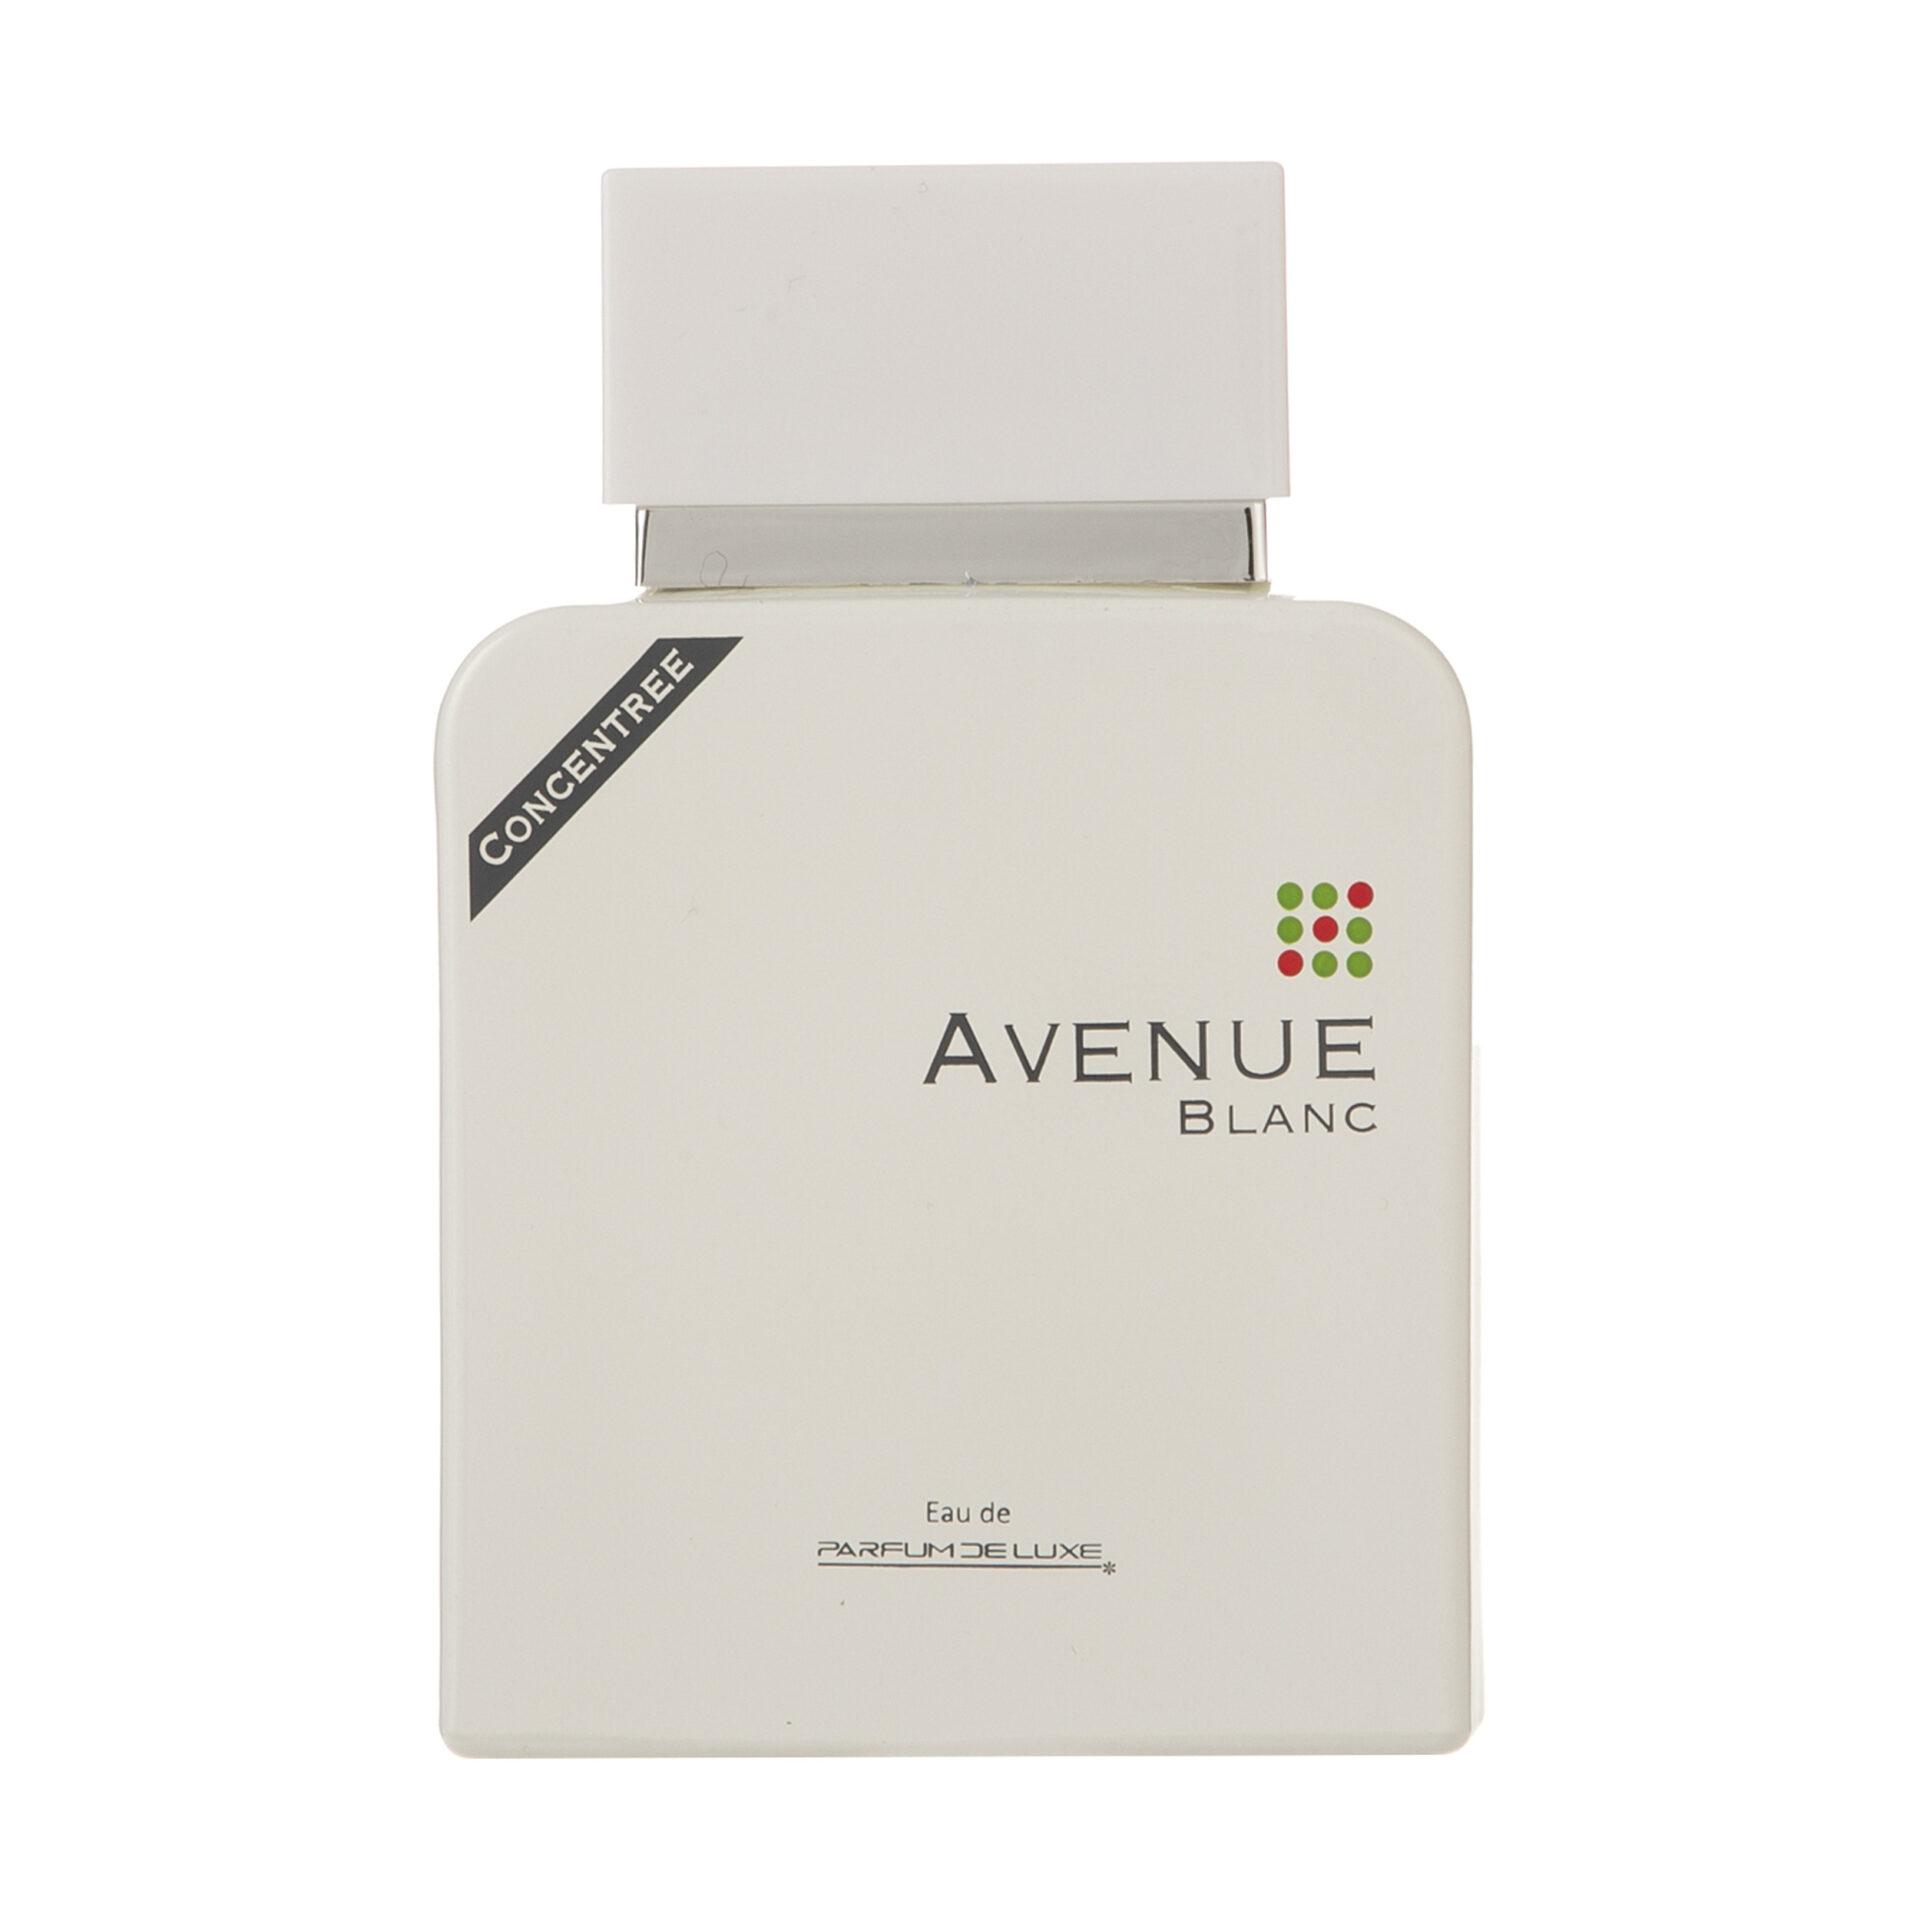 ادو پرفیوم مردانه پرفیوم دلوکس مدل Avenue blanc حجم 100 میلی لیتر